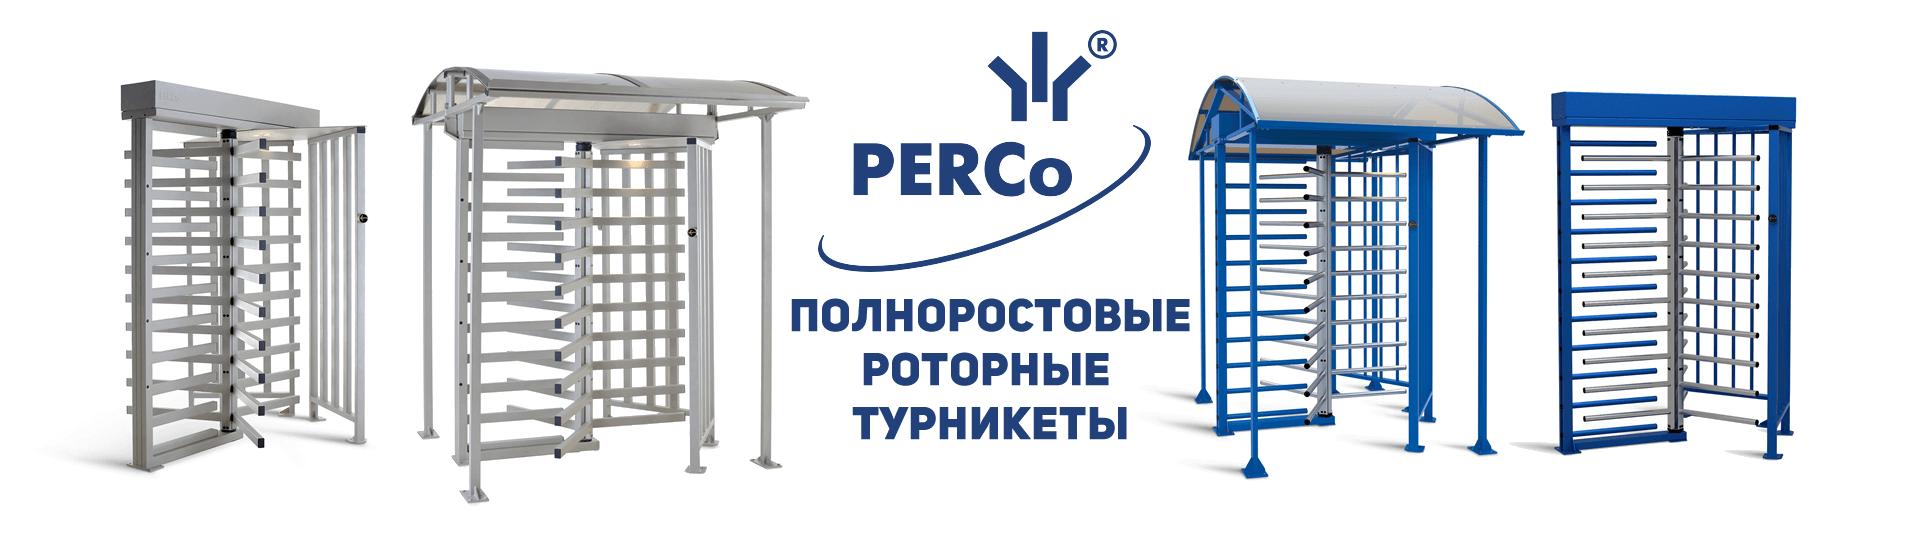 Полноростовые роторные турникеты PERCo серии RTD-15 и RTD-16